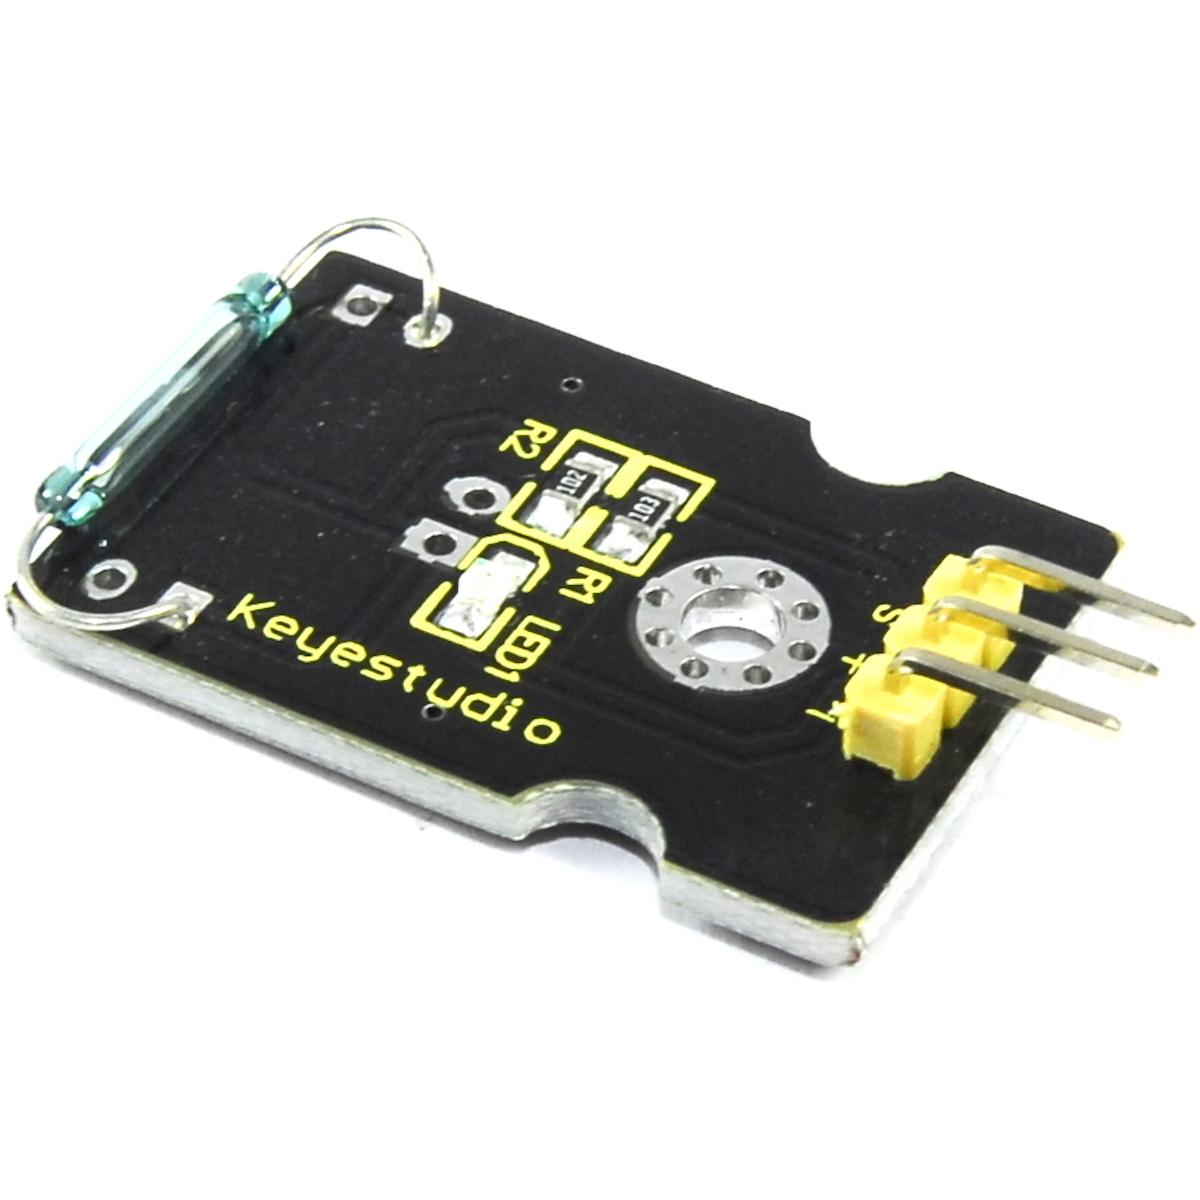 Keyes Mini Interruptor de láminas KY-021 Magnético Arduino Raspberry Pi Flux Workshop